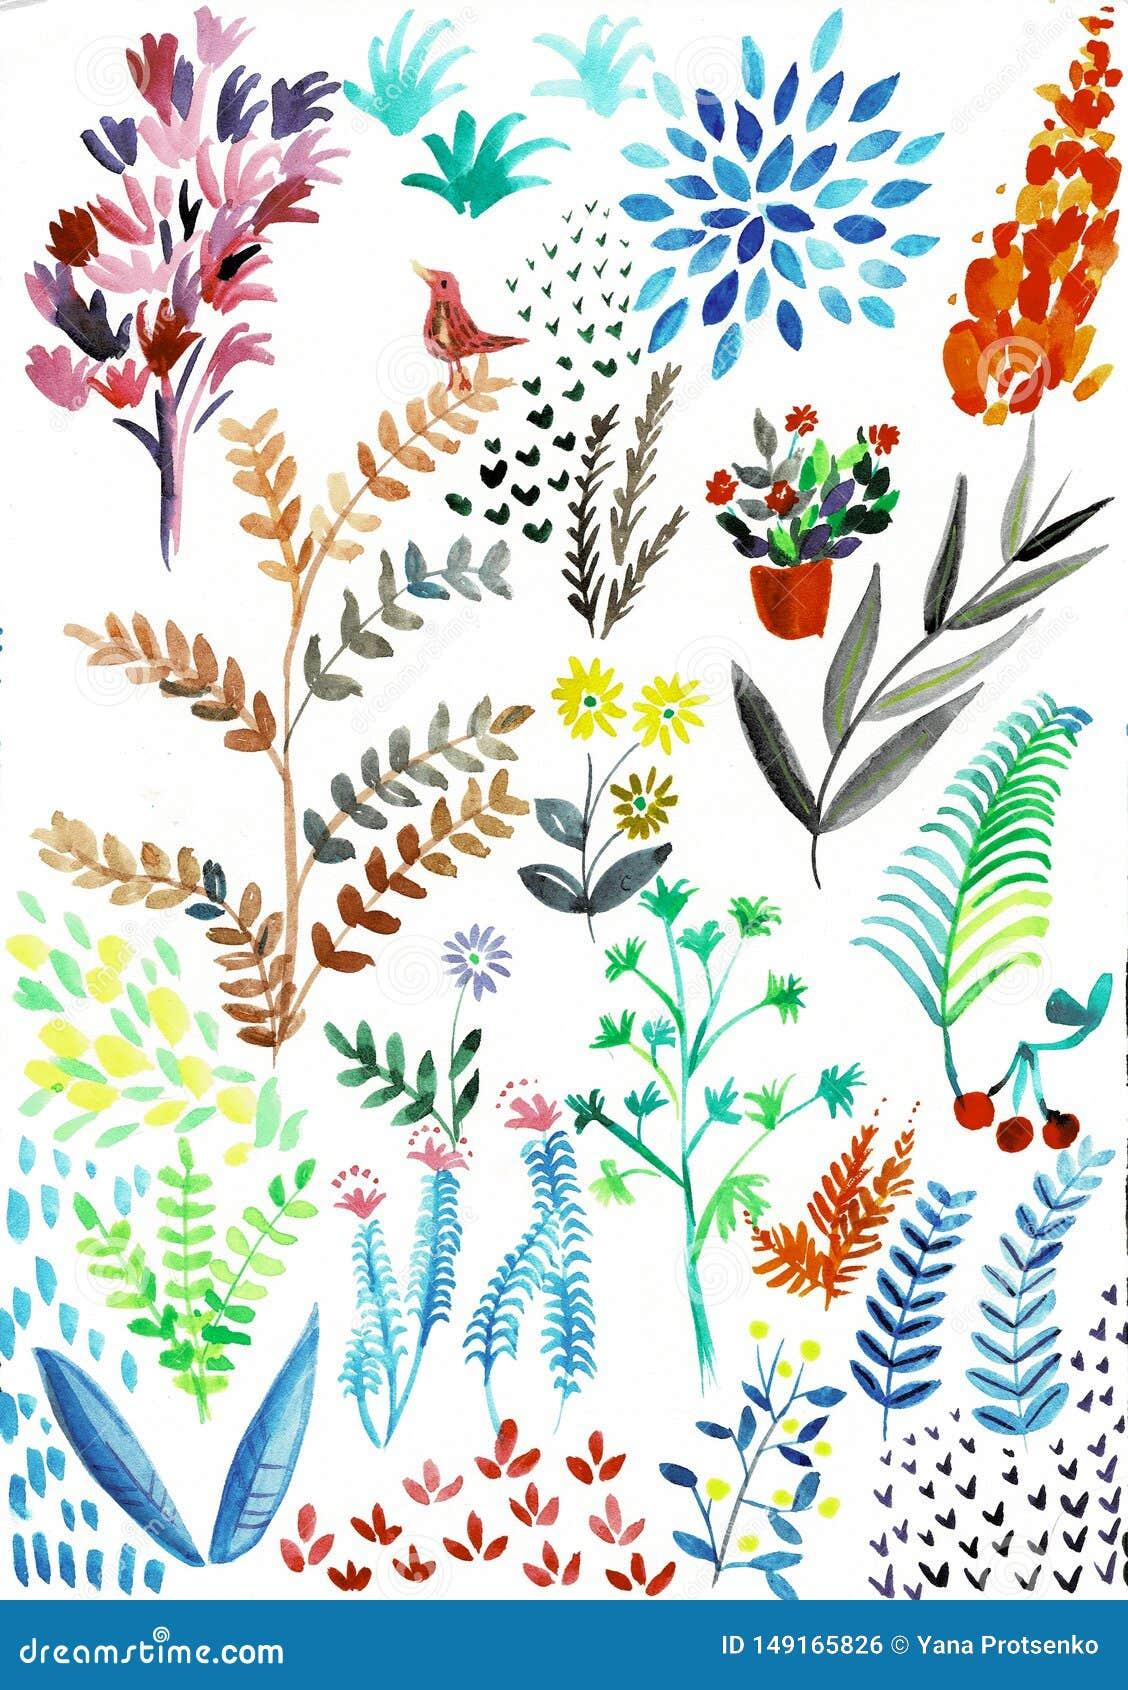 Handen f?r vattenf?rgheliconiasamlingen m?lade exotiska sidor och blommor som isolerades p? vit bakgrund